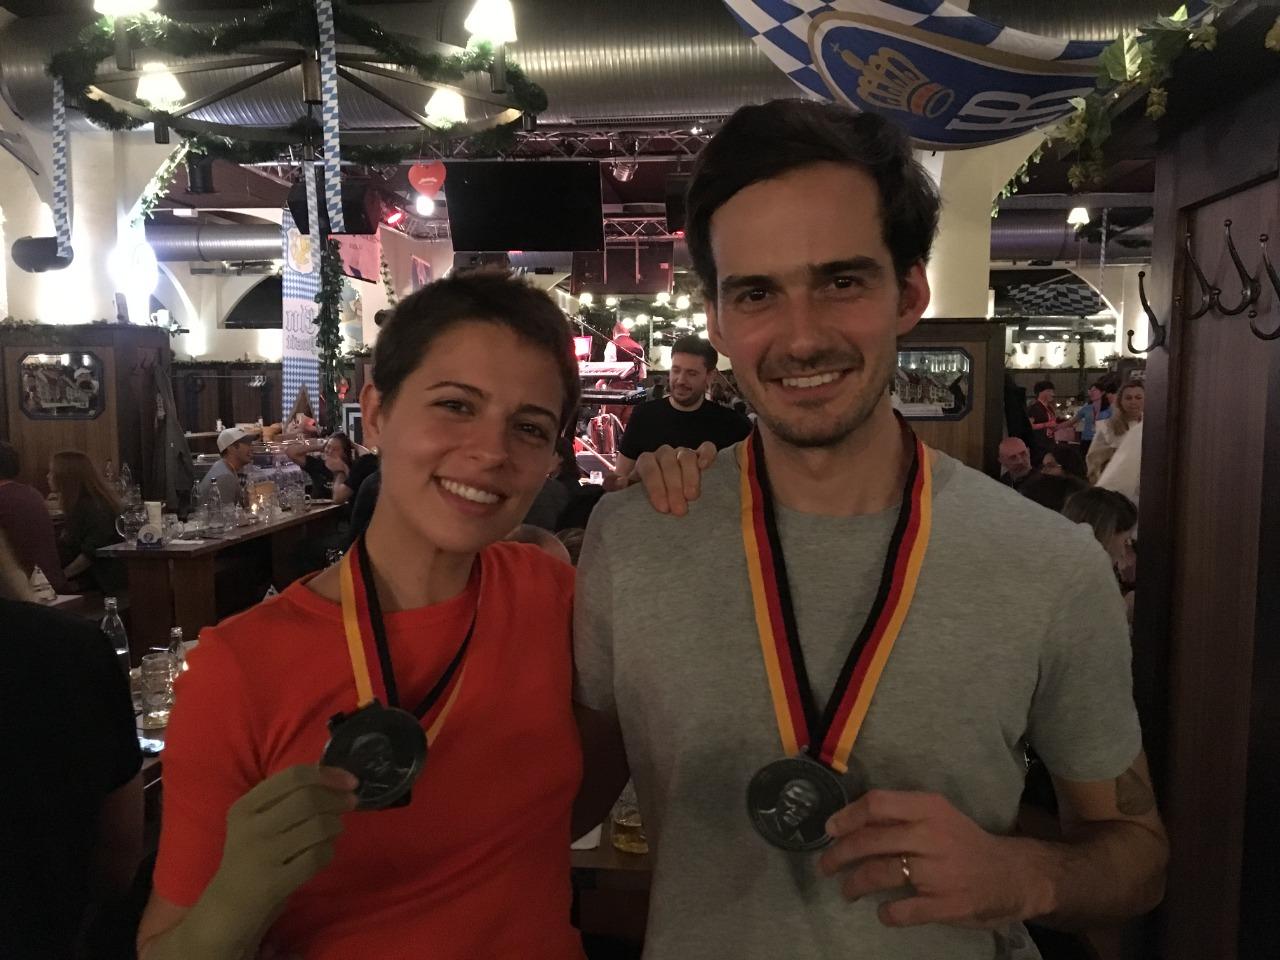 Giovanna sofreu acidente meses antes da Maratona de Berlim, mas completou a prova junto com seu marido, Guilherme (Foto: arquivo pessoal)